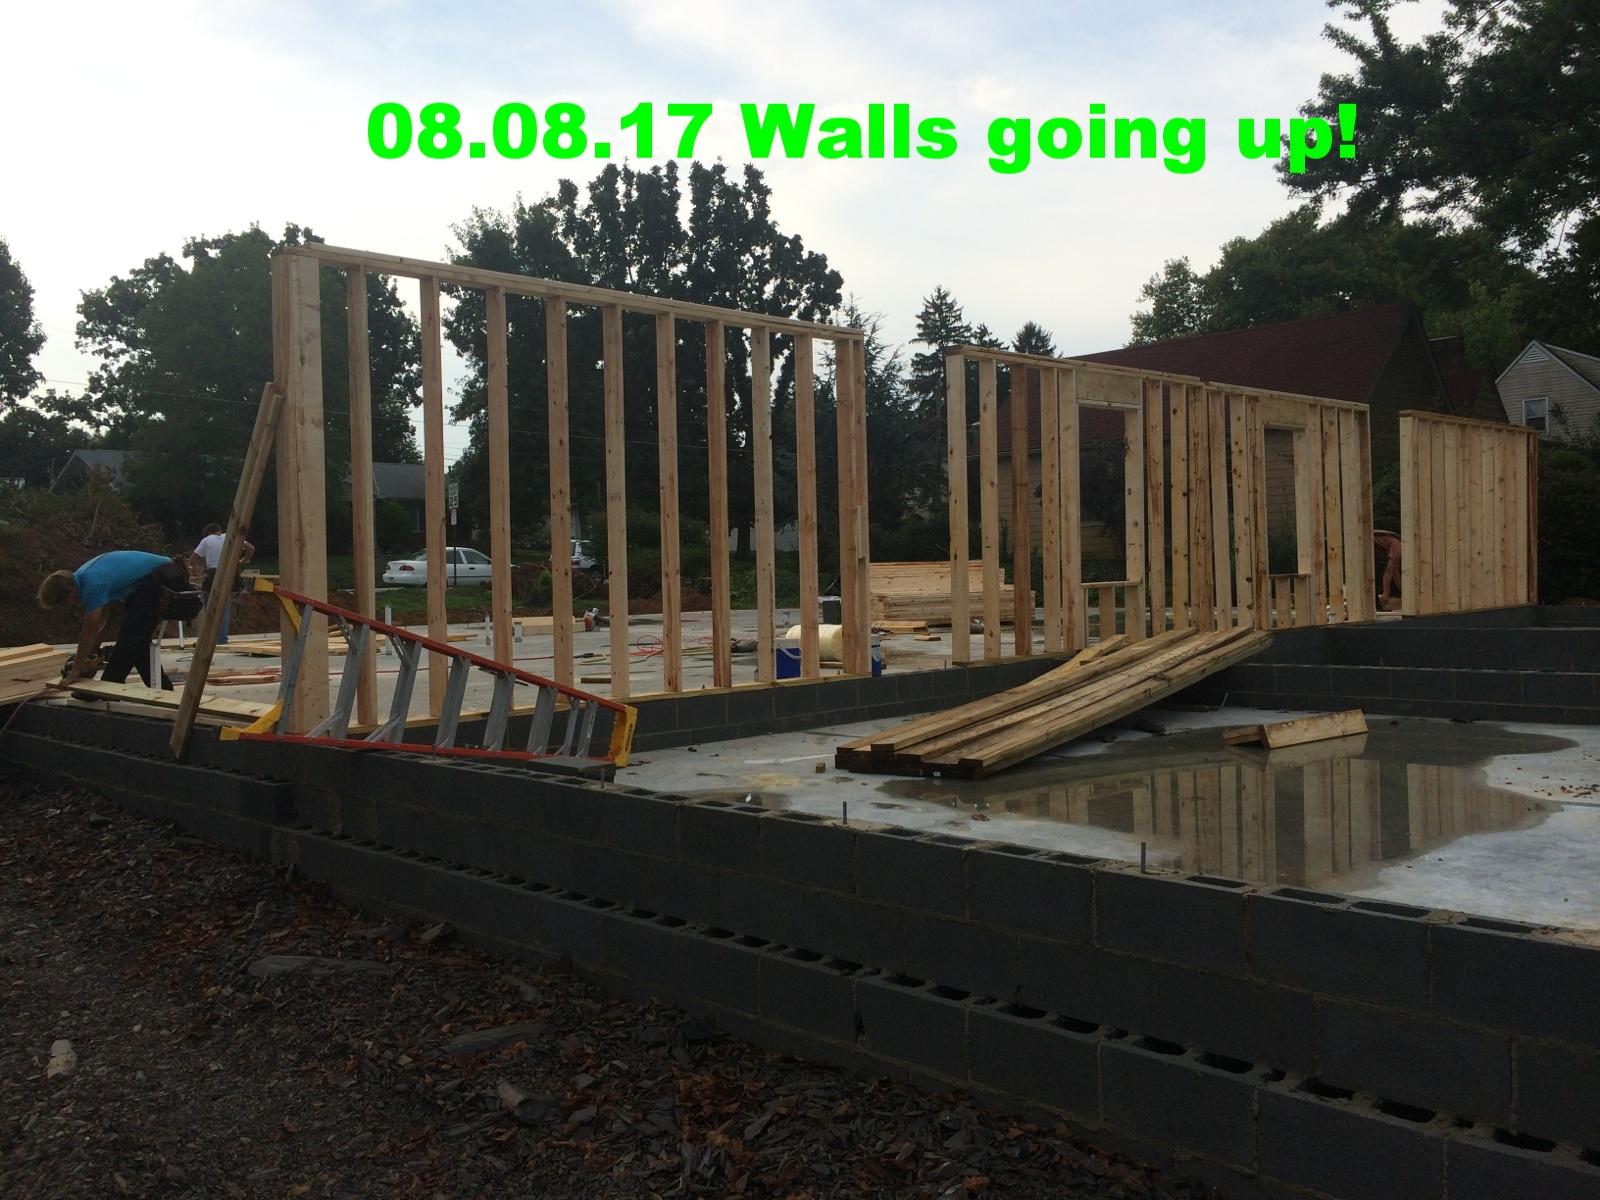 08.08.17_walls going up!.jpg